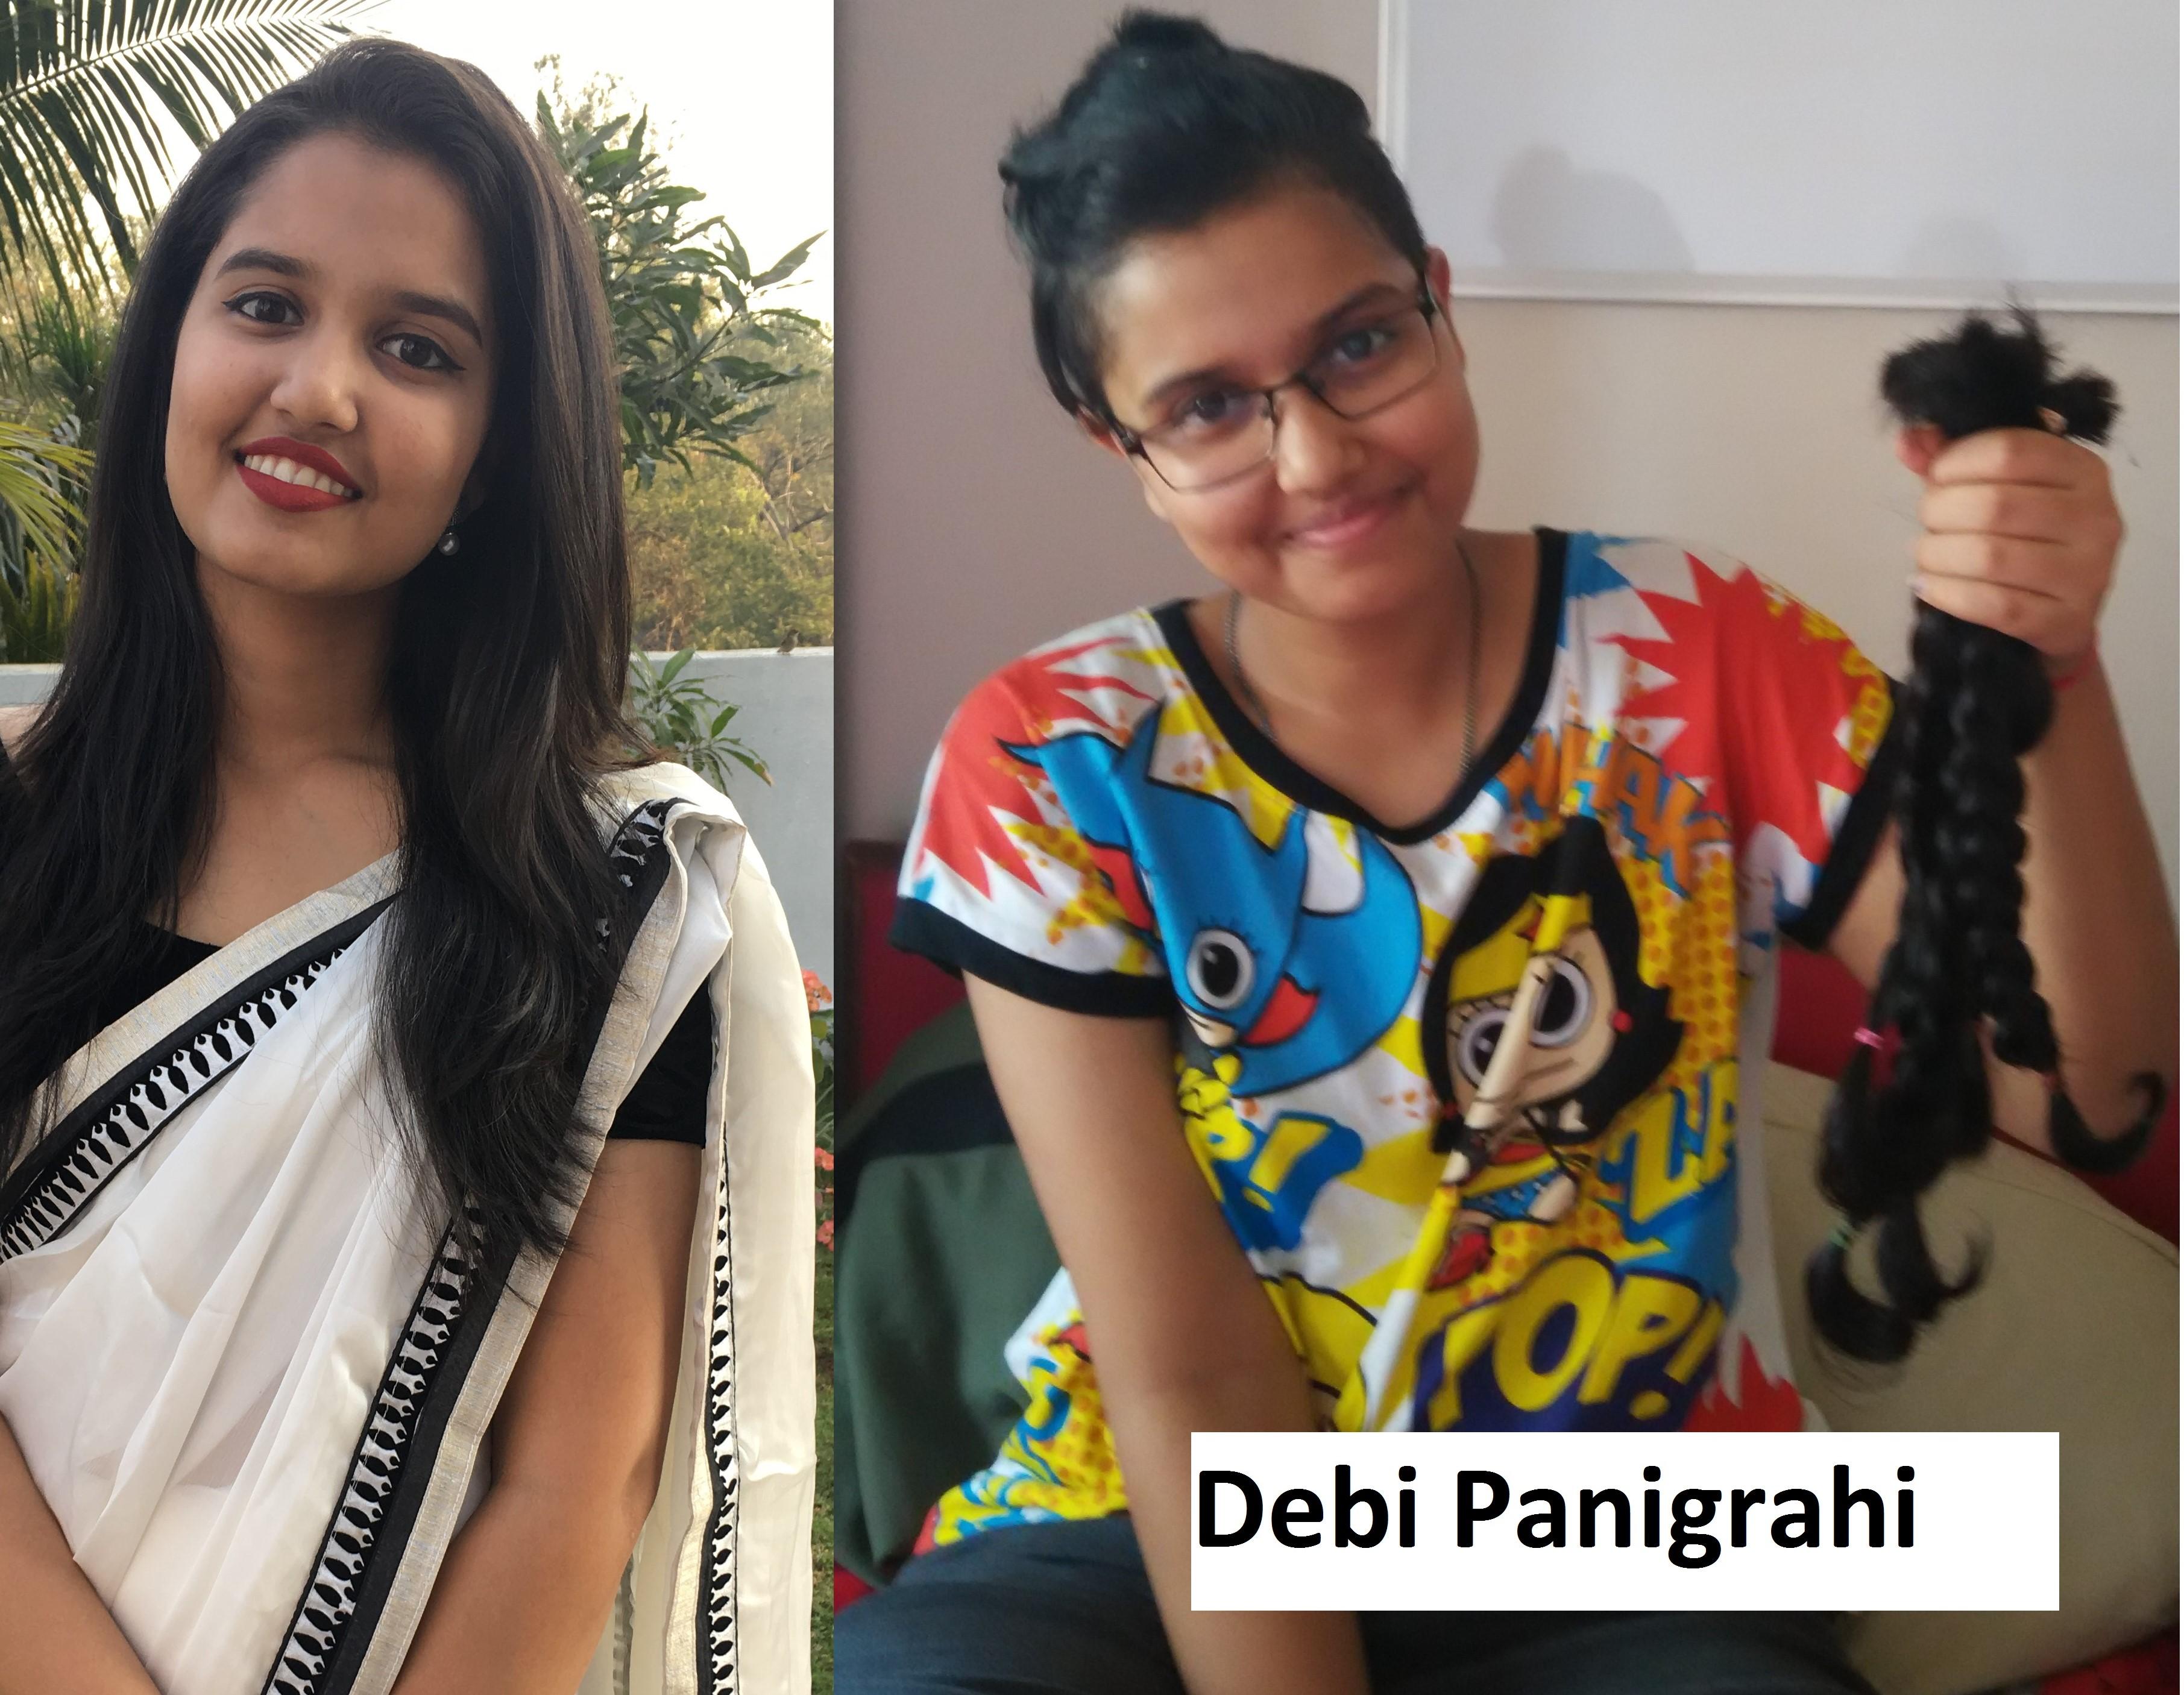 Debi Panigrahi